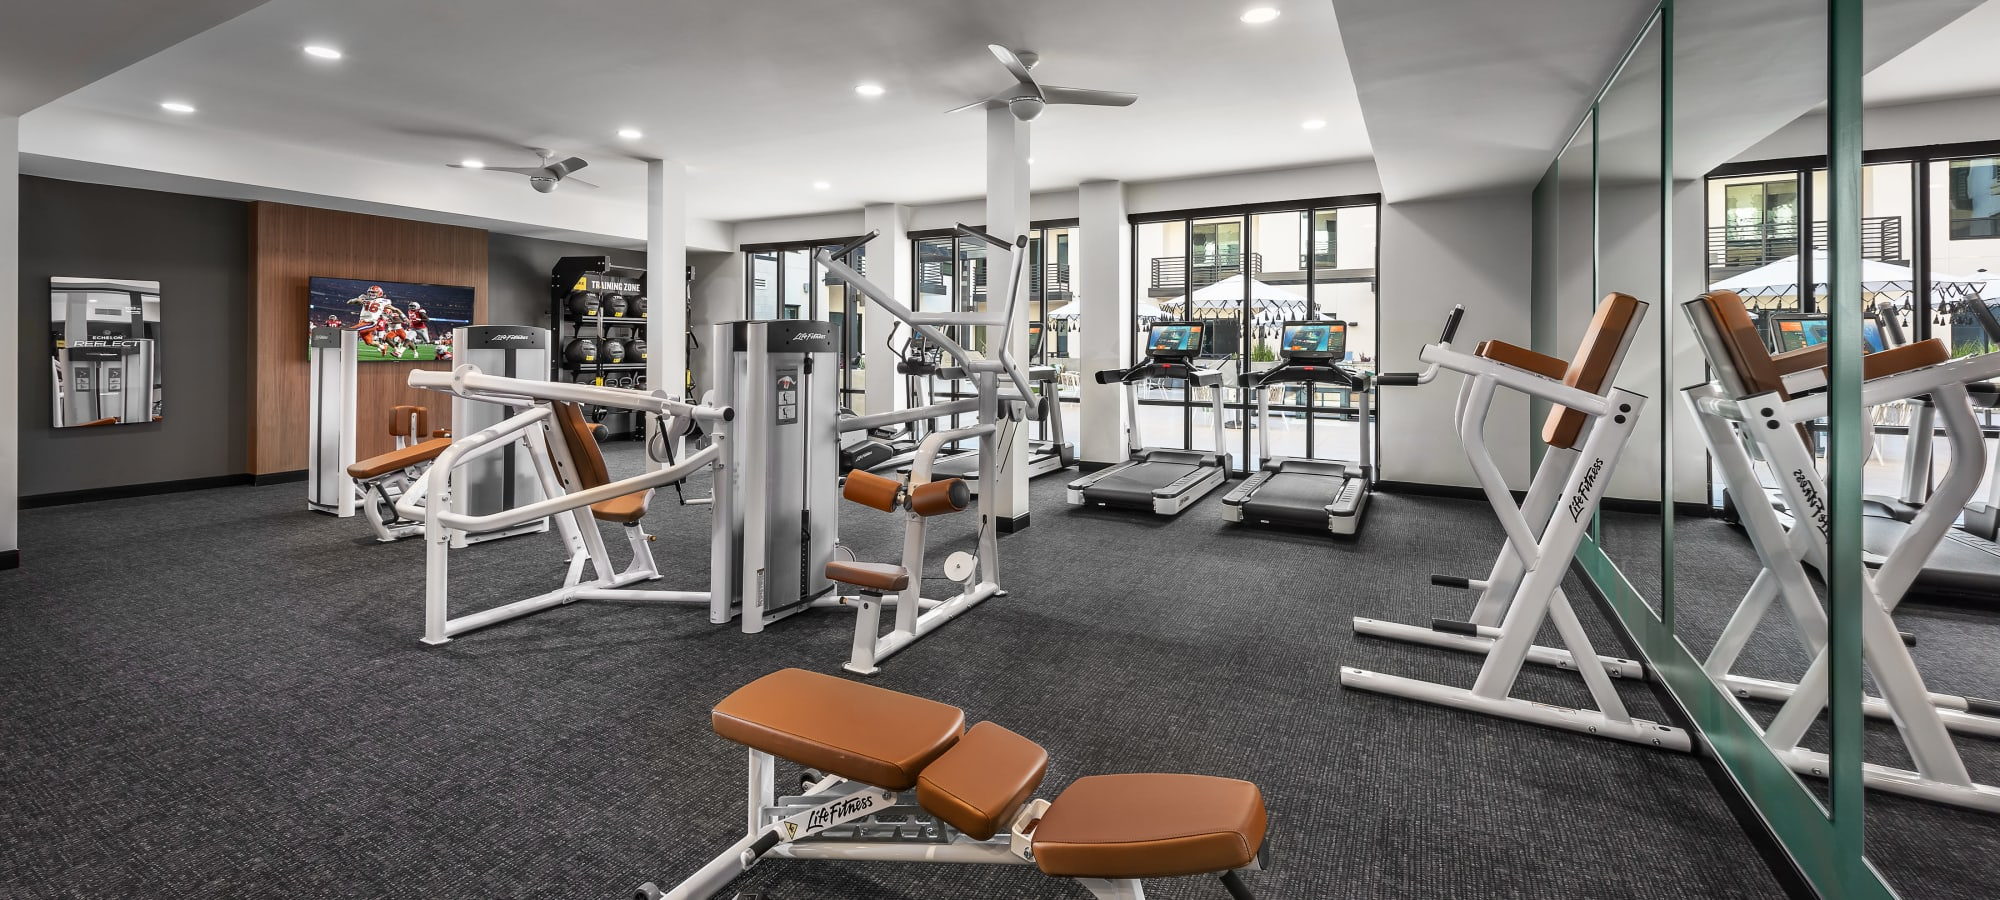 Modern fitness center at Gramercy Scottsdale in Scottsdale, Arizona